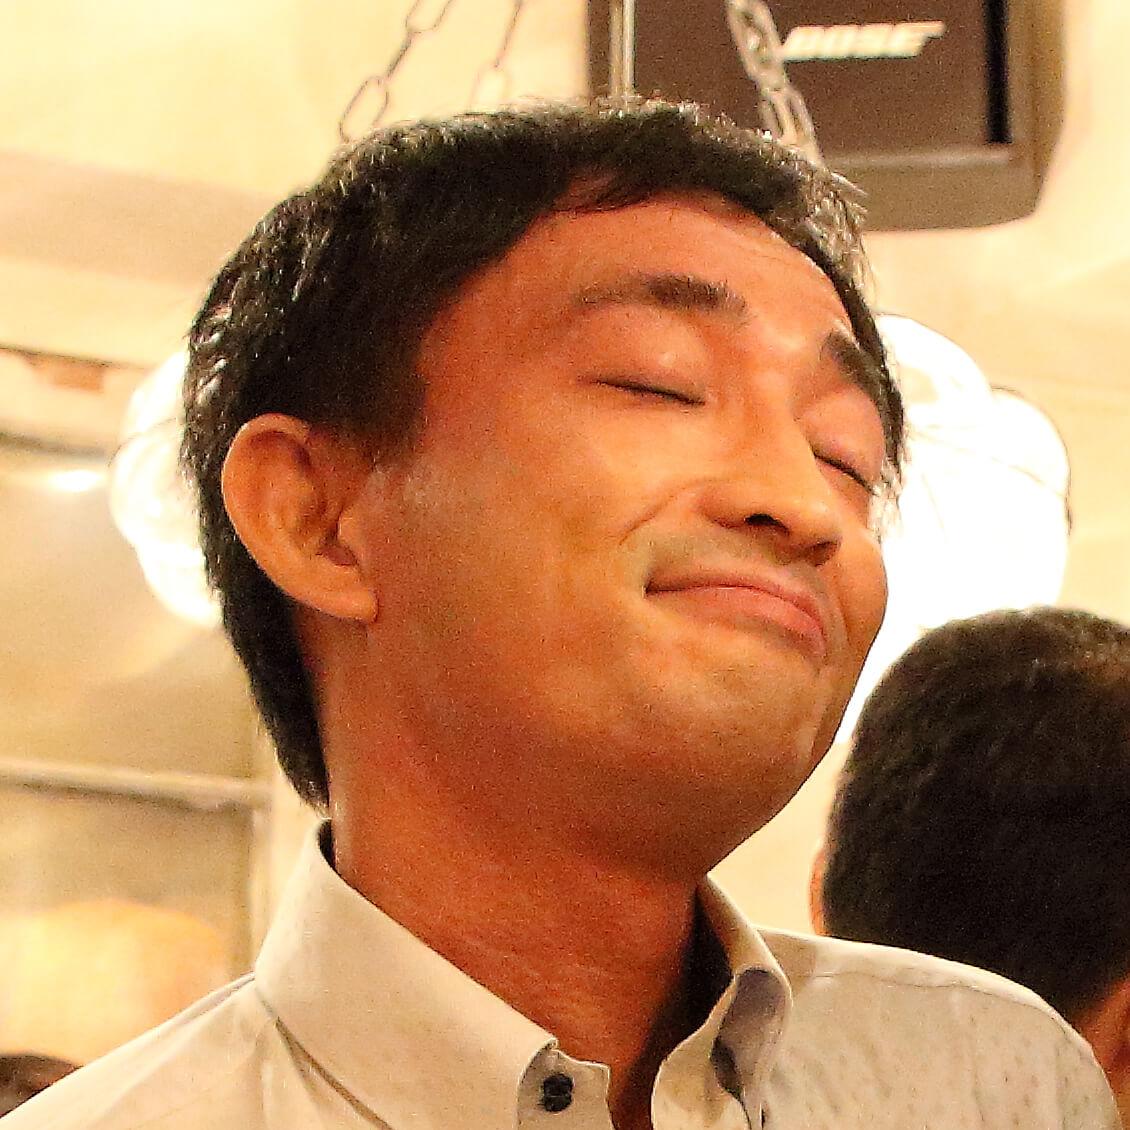 kawamura-fukidashi